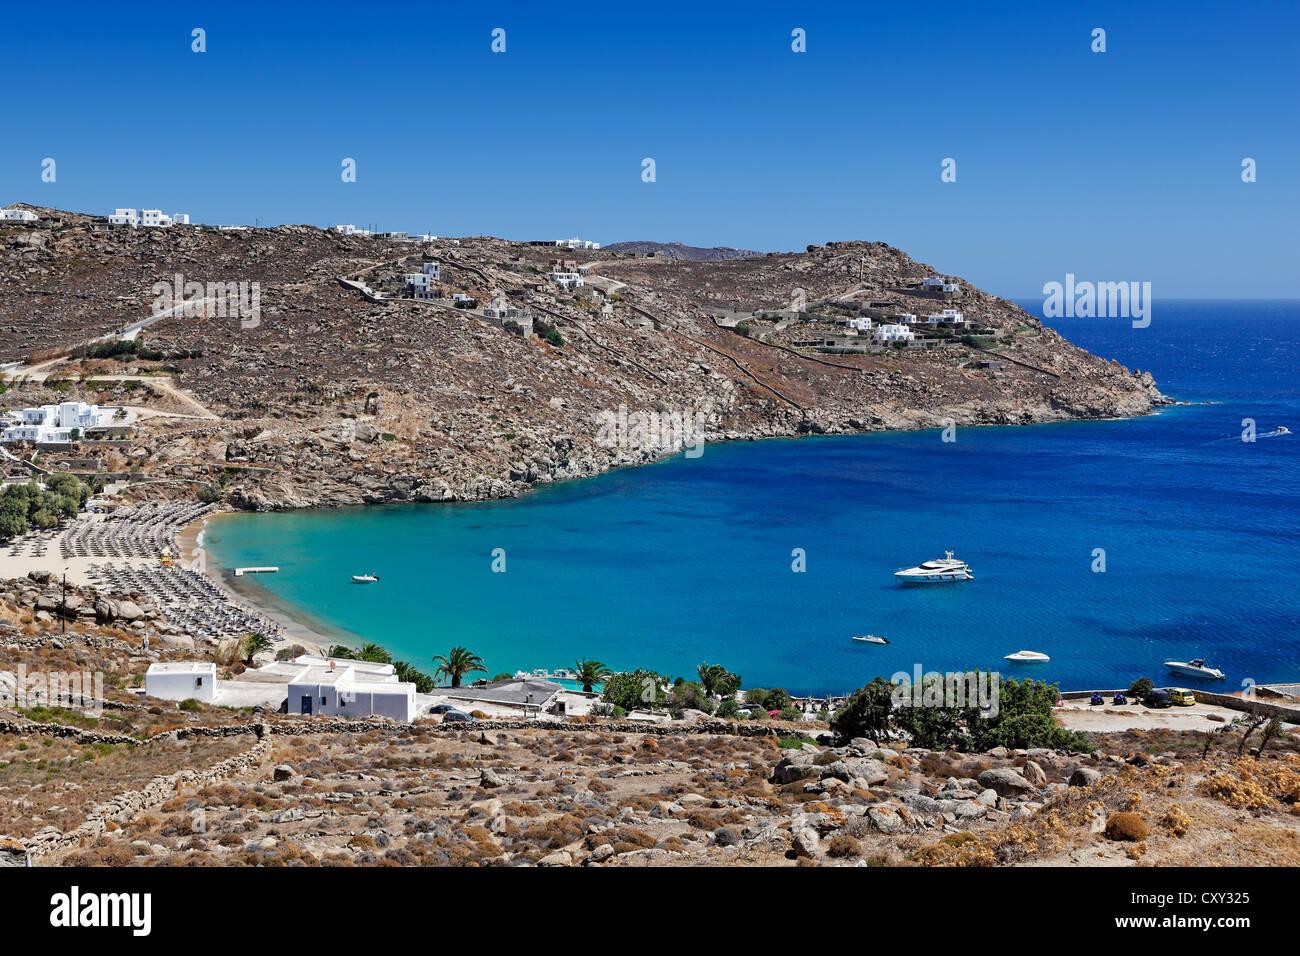 Super Paradise est l'un des plus célèbres plages de Mykonos, Grèce Photo Stock